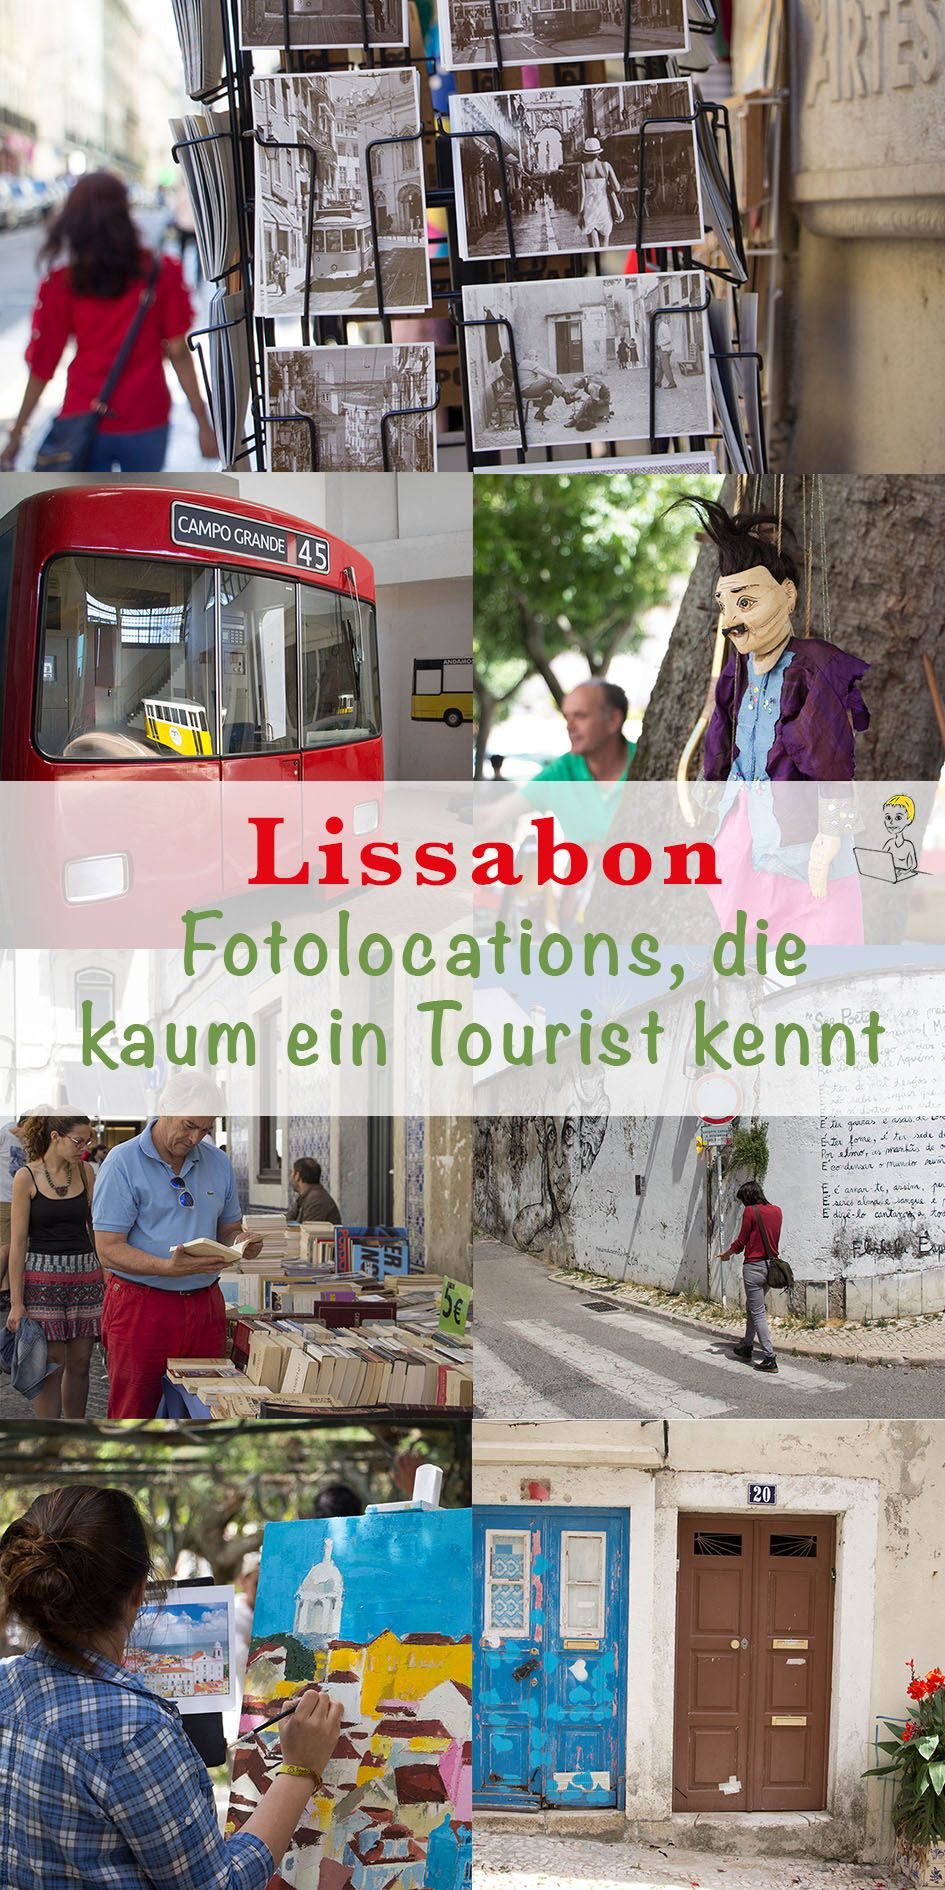 Lissabon: die besten Foto-Locations, die kaum ein Tourist kennt #bestplacesinportugal